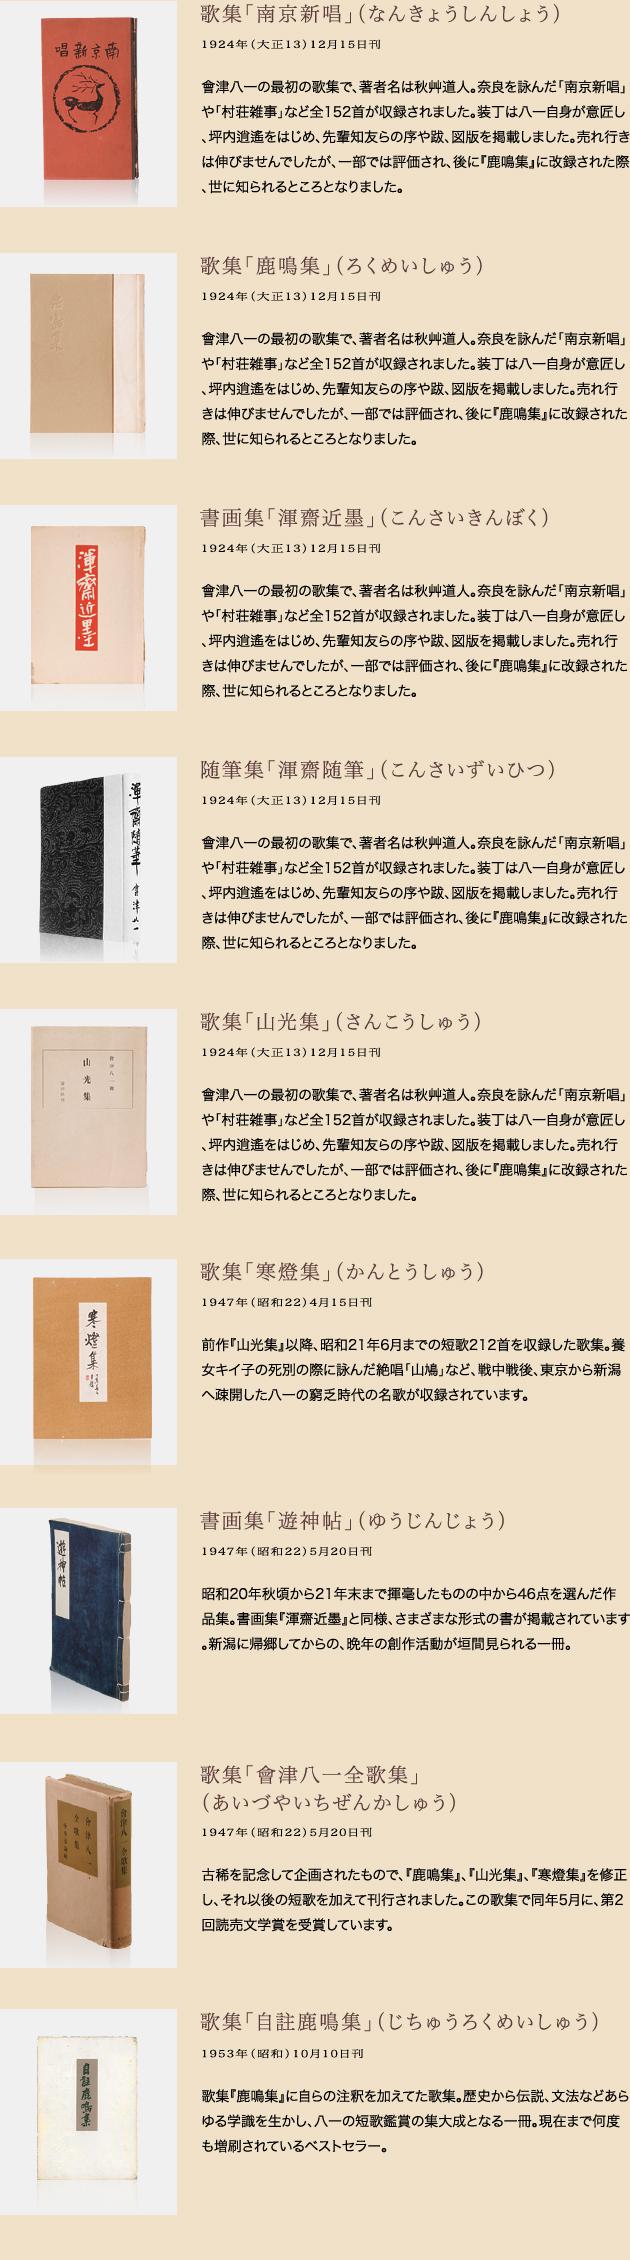 デザイン_03